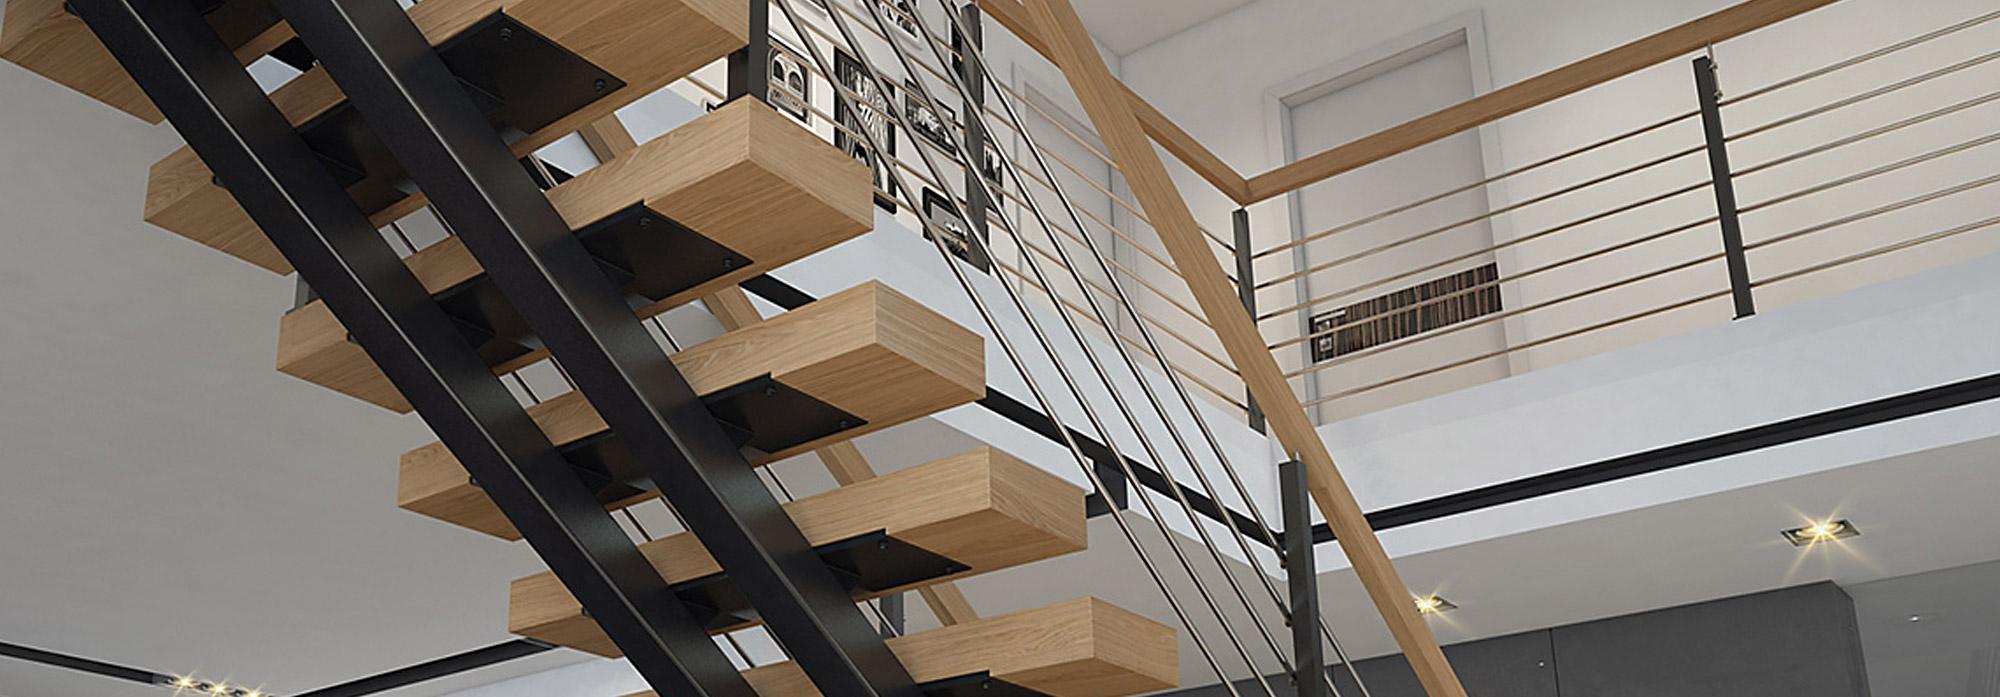 Schody drewniane Łomża